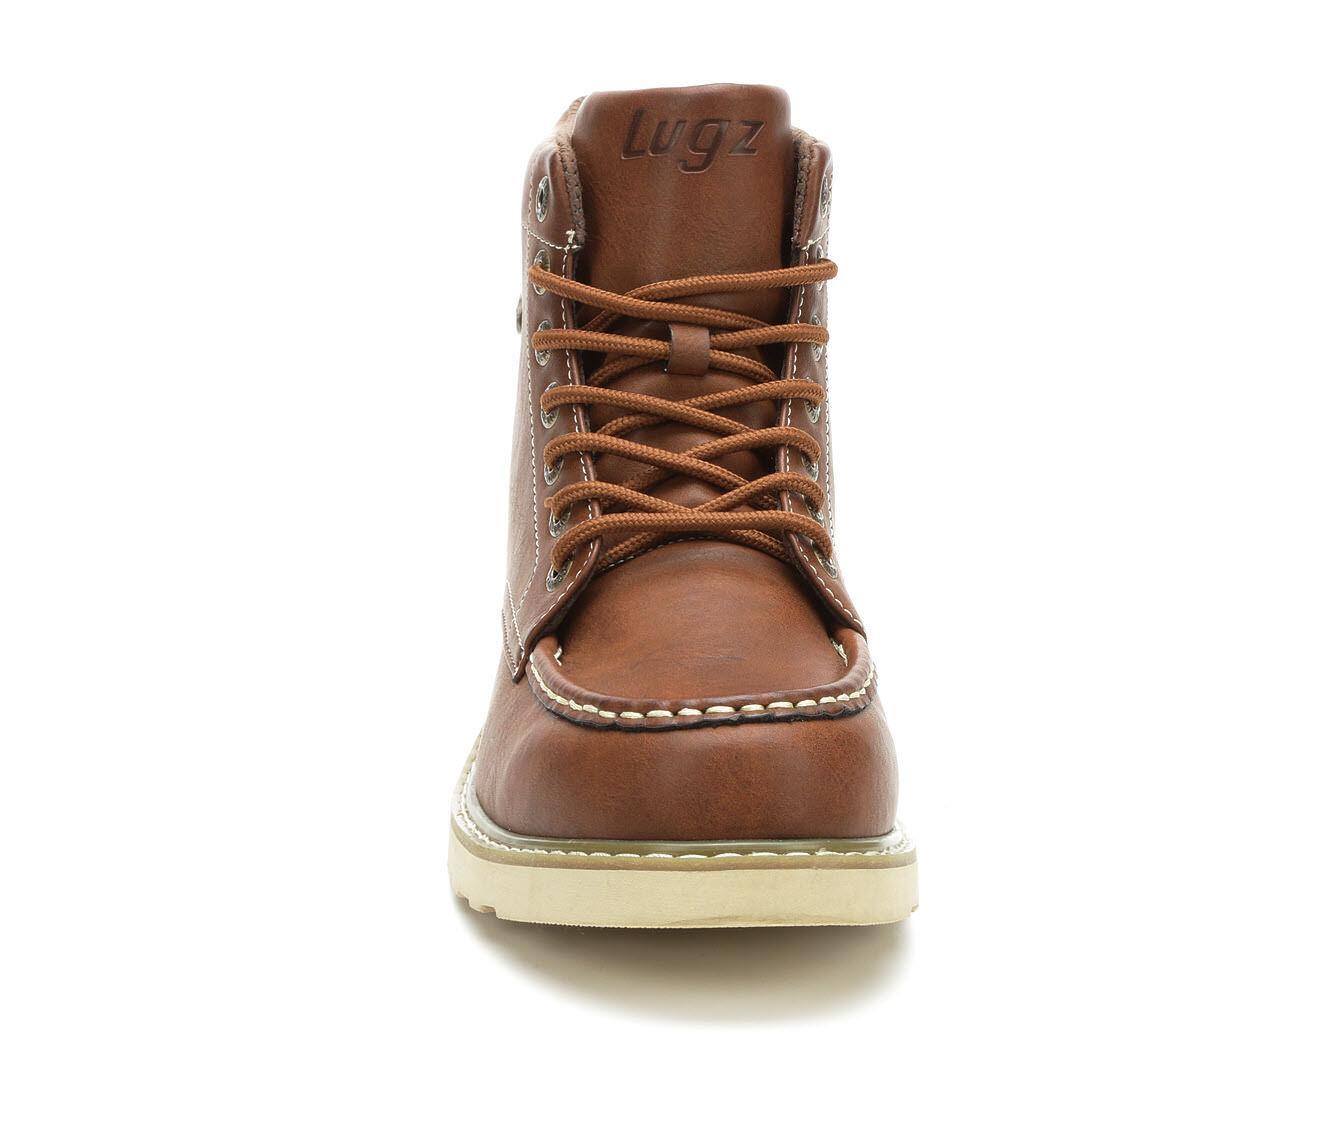 Lugz Roamer Hi Boot in Brown for Men - Lyst